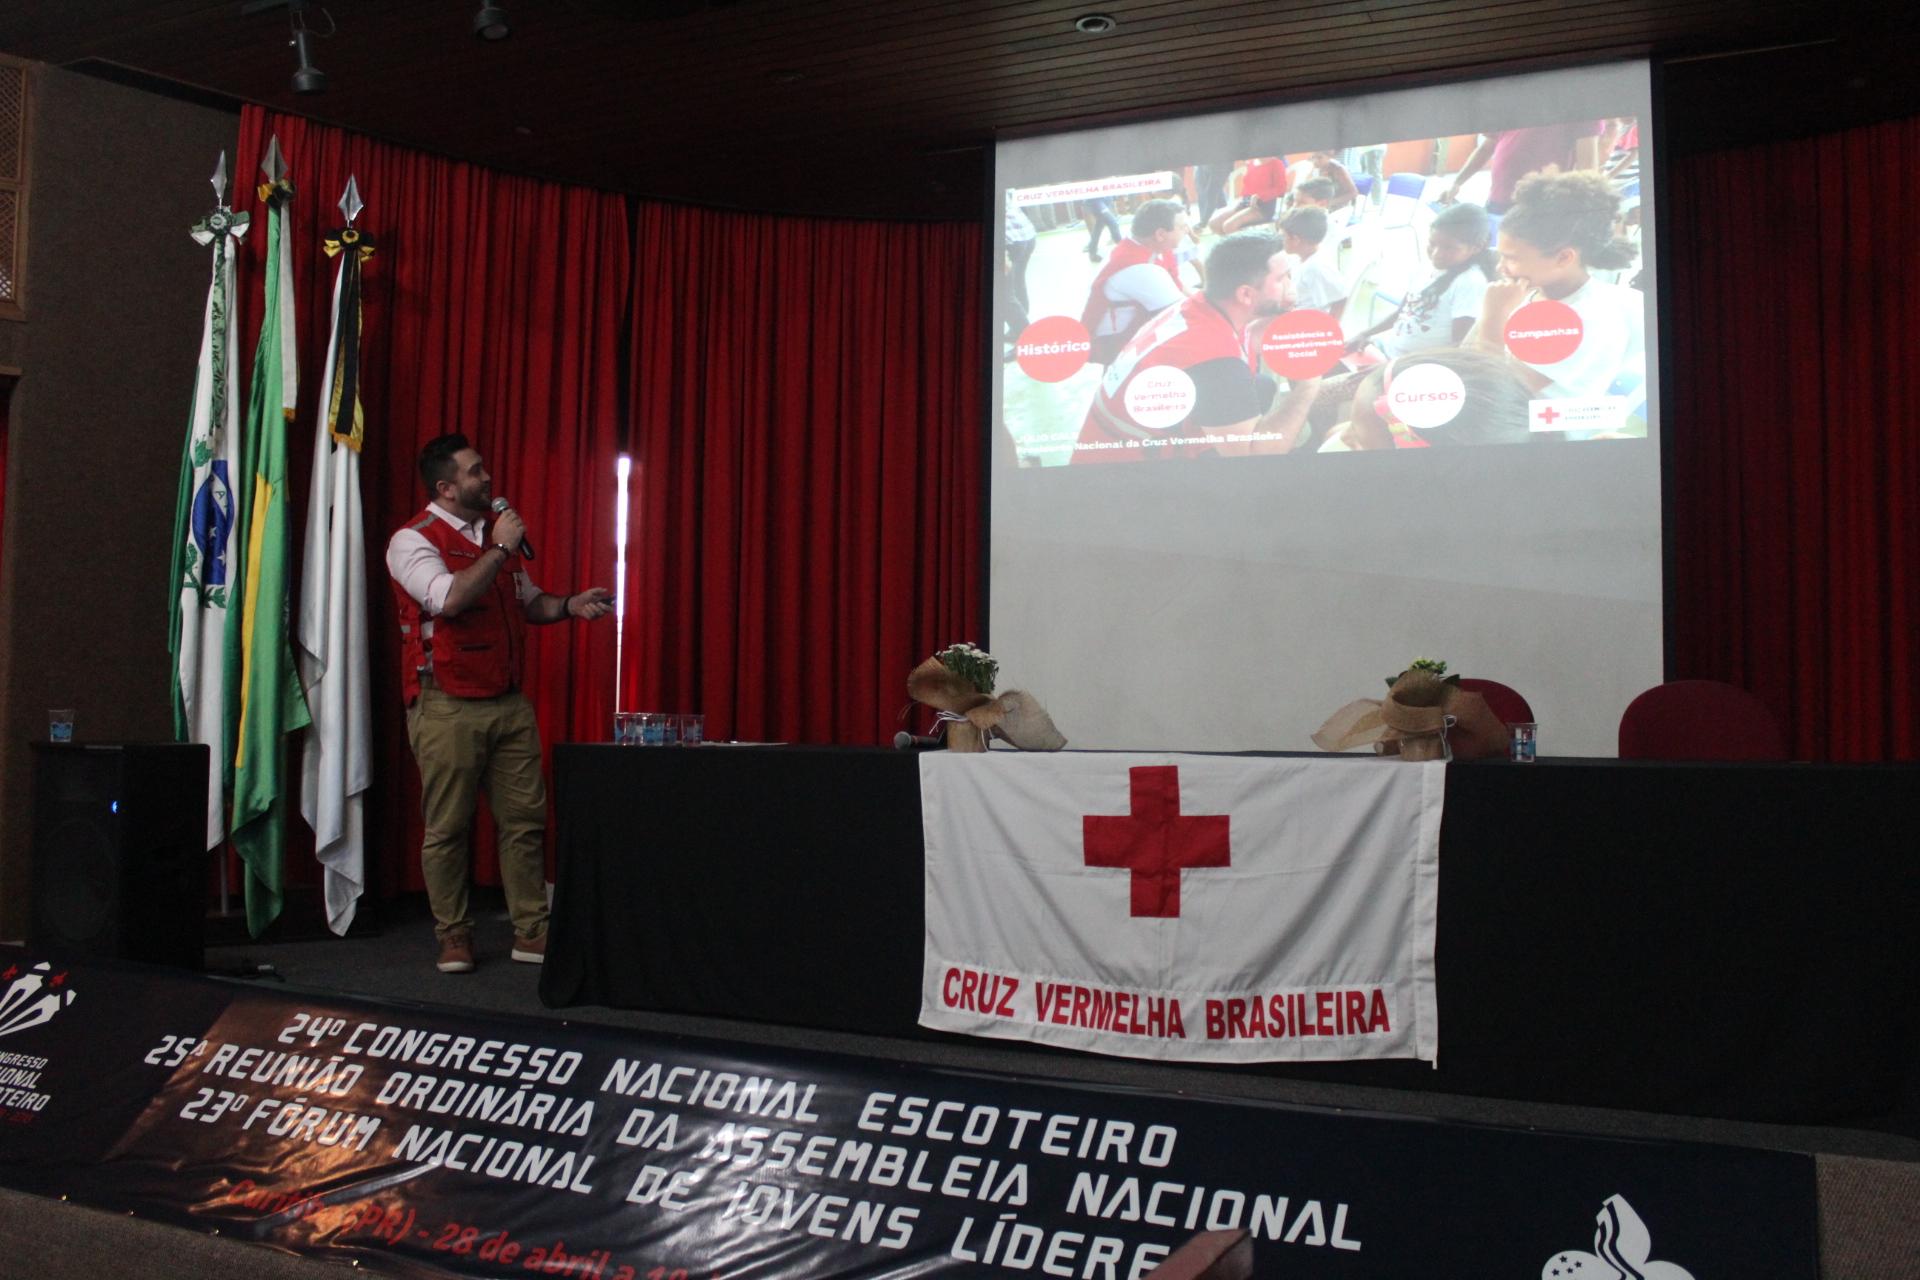 Cruz Vermelha Brasileira e Escoteiros do Brasil divulgam Protocolo de Relacionamento para parceria entre instituições (2)